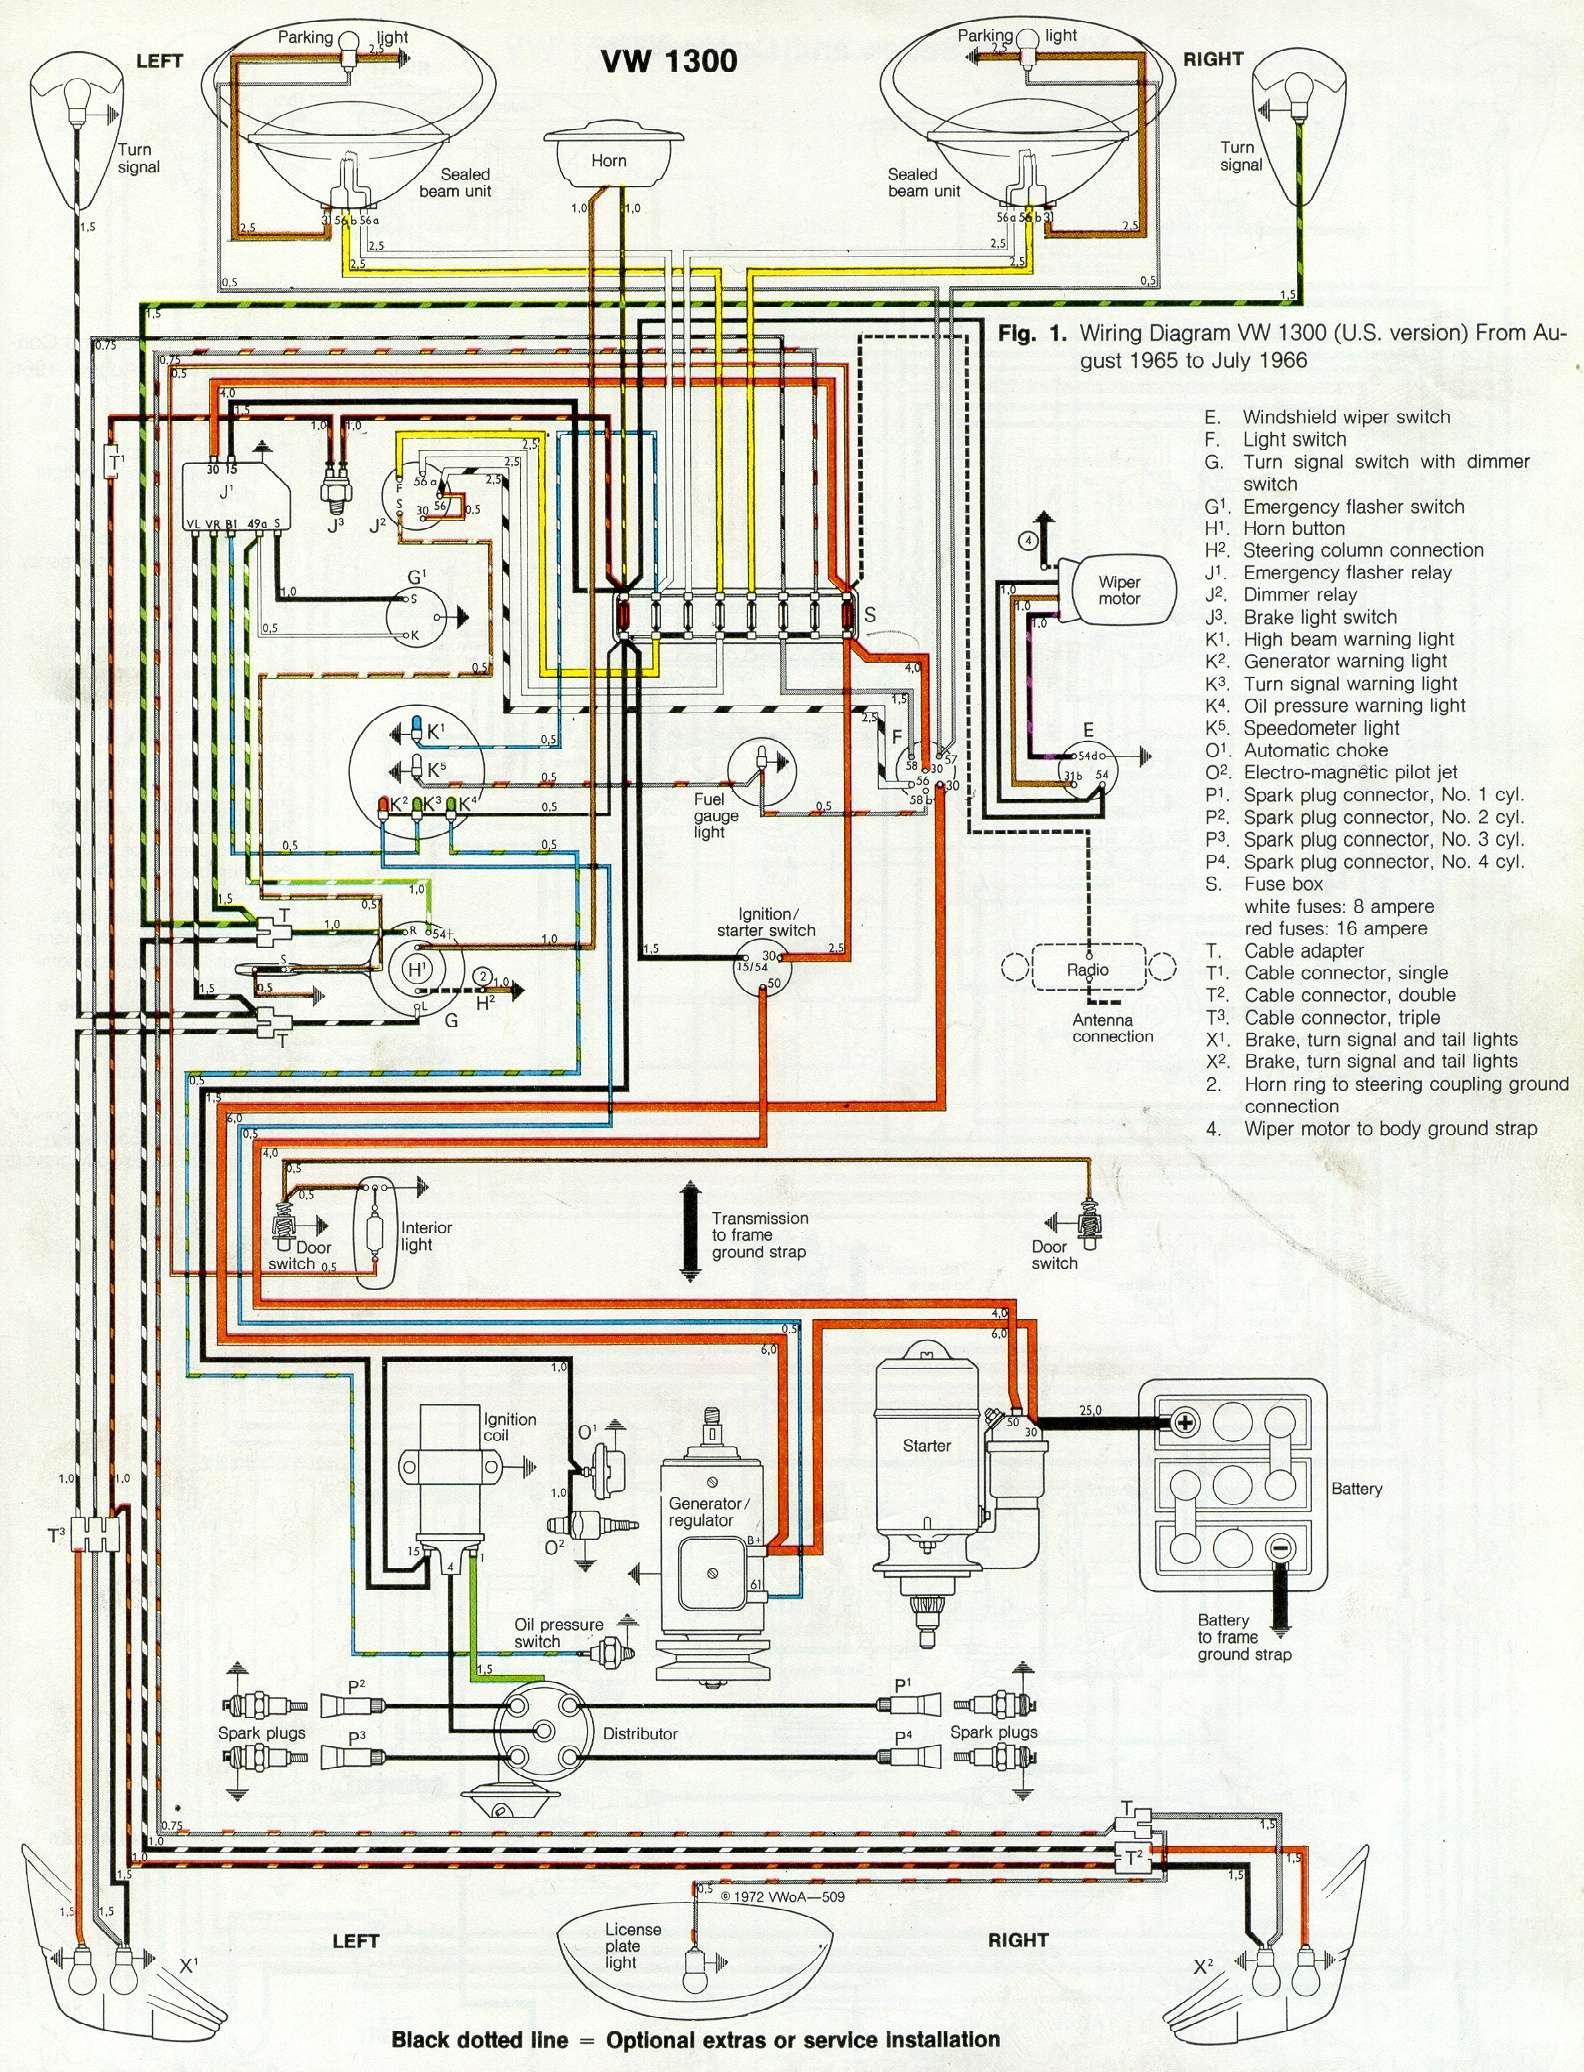 Vw t5 electrical diagram vwvortex com fuanda u0027s deep black on vw t4 central locking wiring diagram 1977 VW Bus Wiring Diagram 1974 VW Super Beetle Wiring Diagram